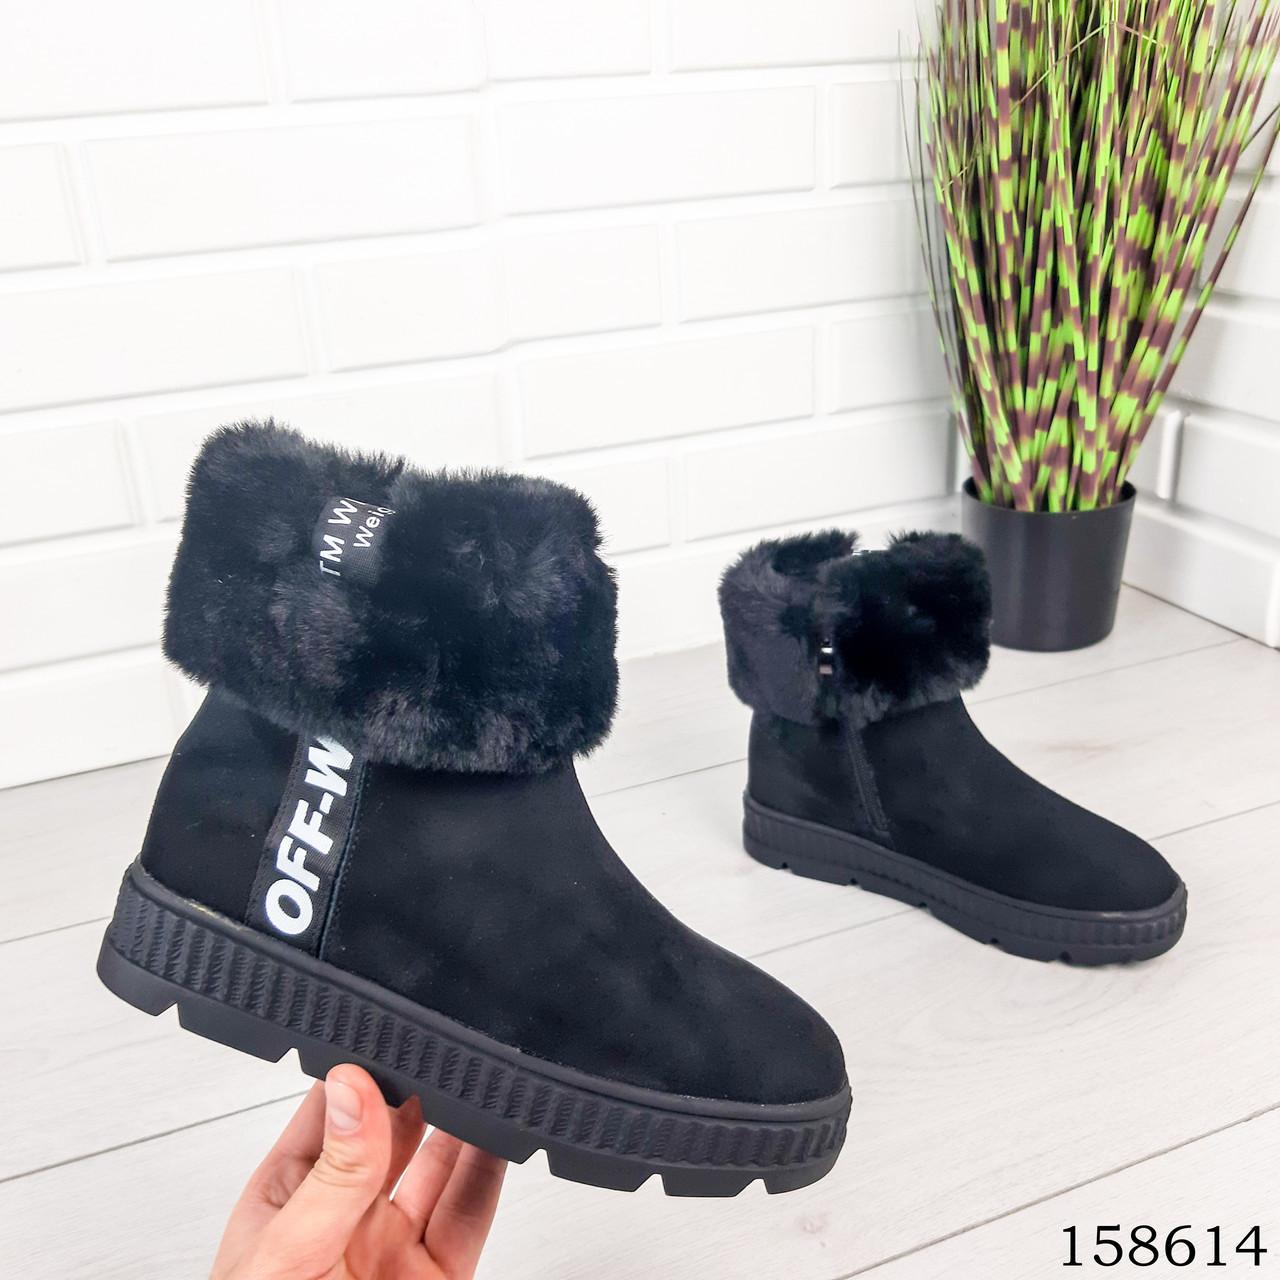 Женские ботинки демисезонные черного цвета из натуральной замши подкладка из натурального меха кроля